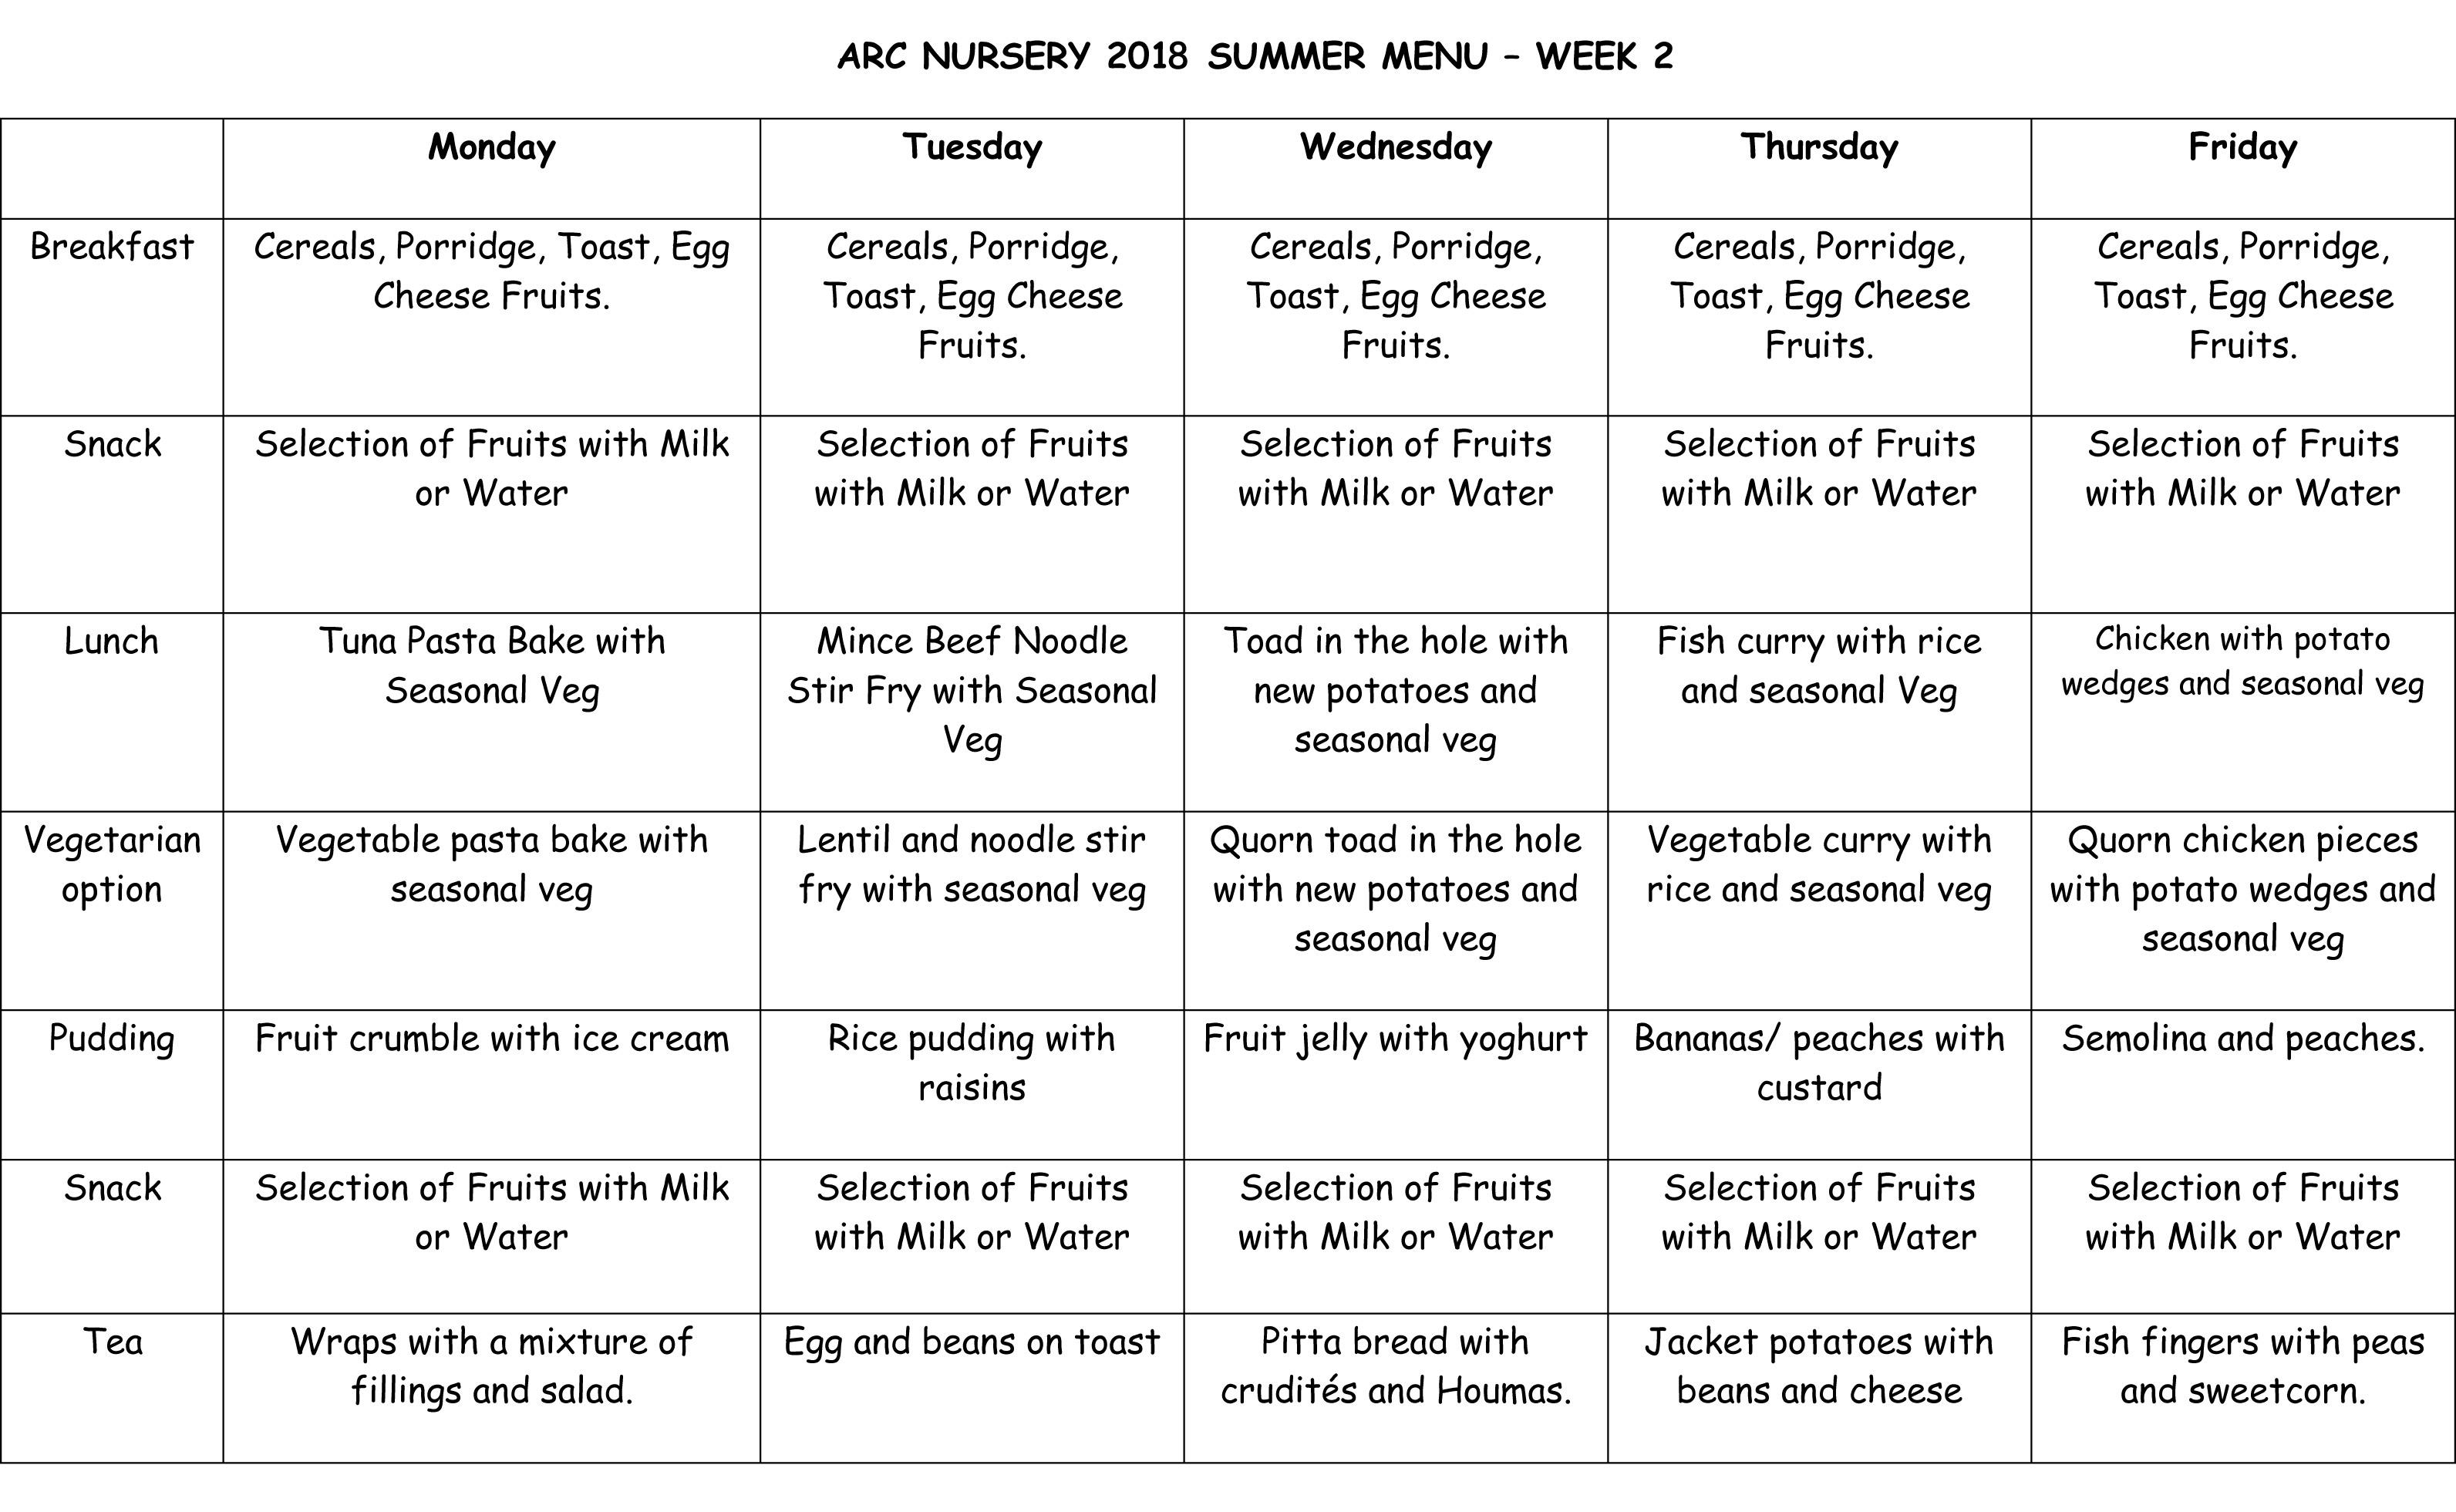 Arc Nursery 2018 Summer Menu - Week 2